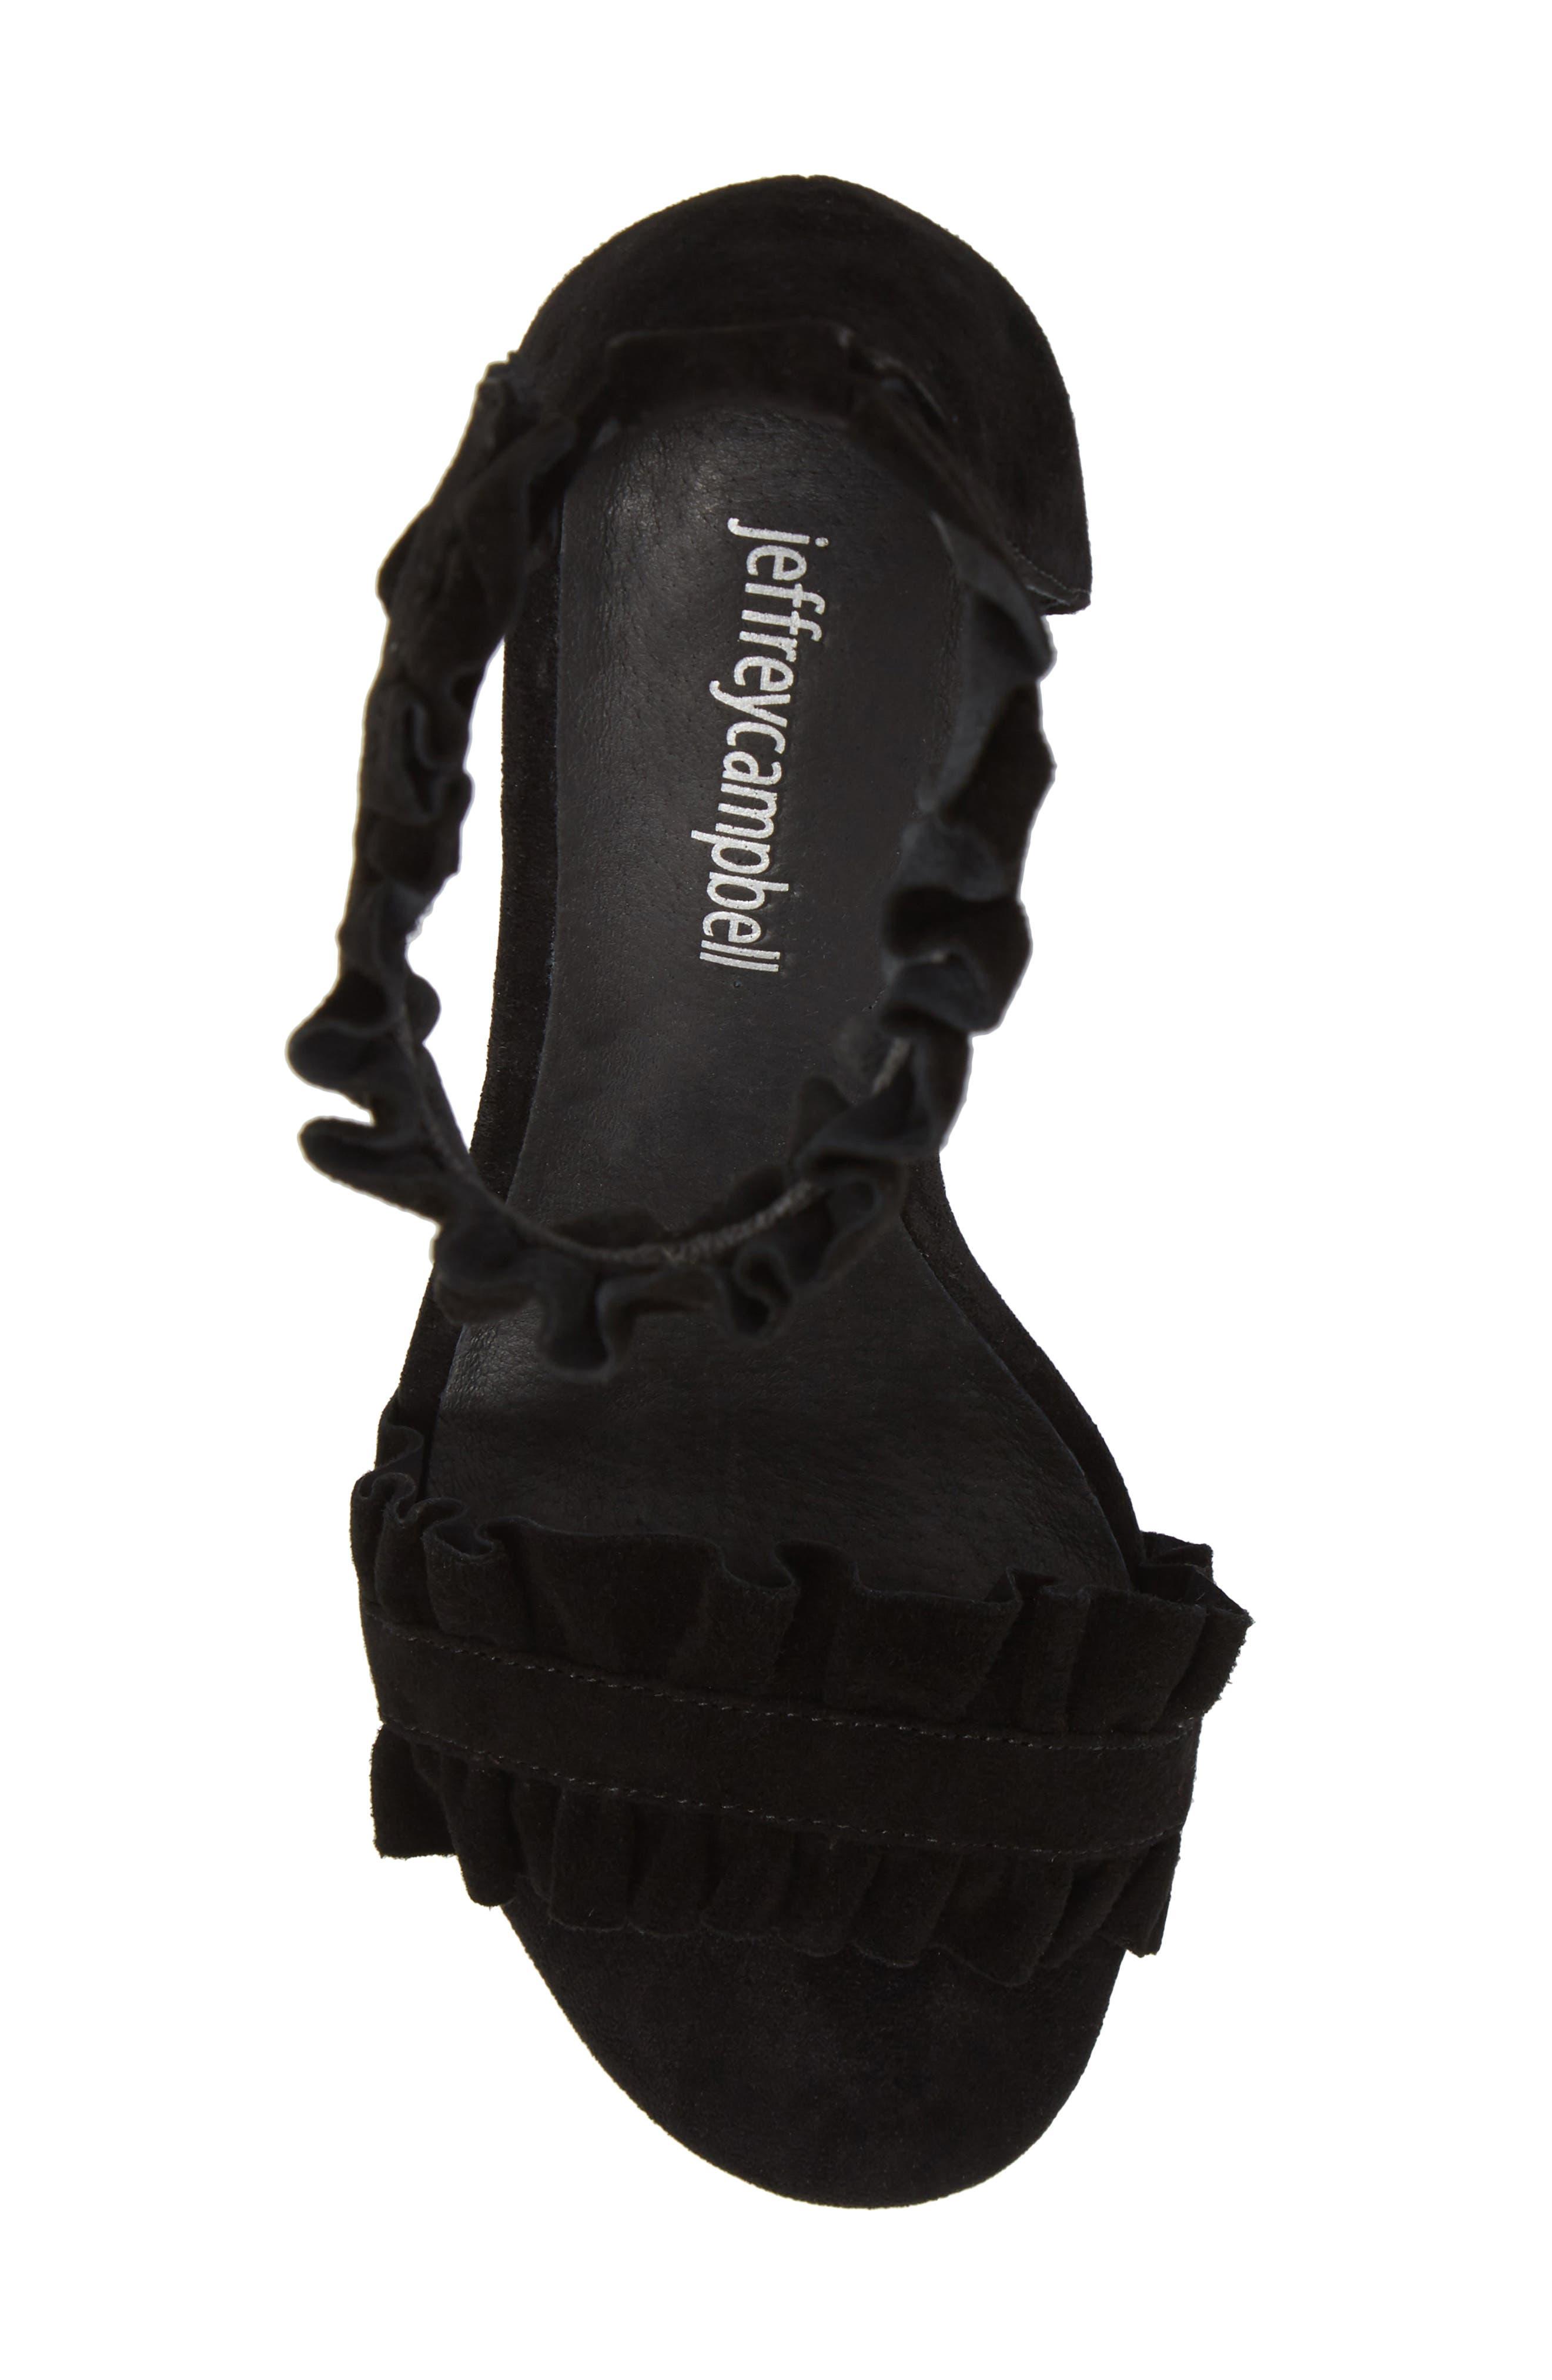 Lindsay Dome Studded Sandal,                             Alternate thumbnail 5, color,                             Black Suede